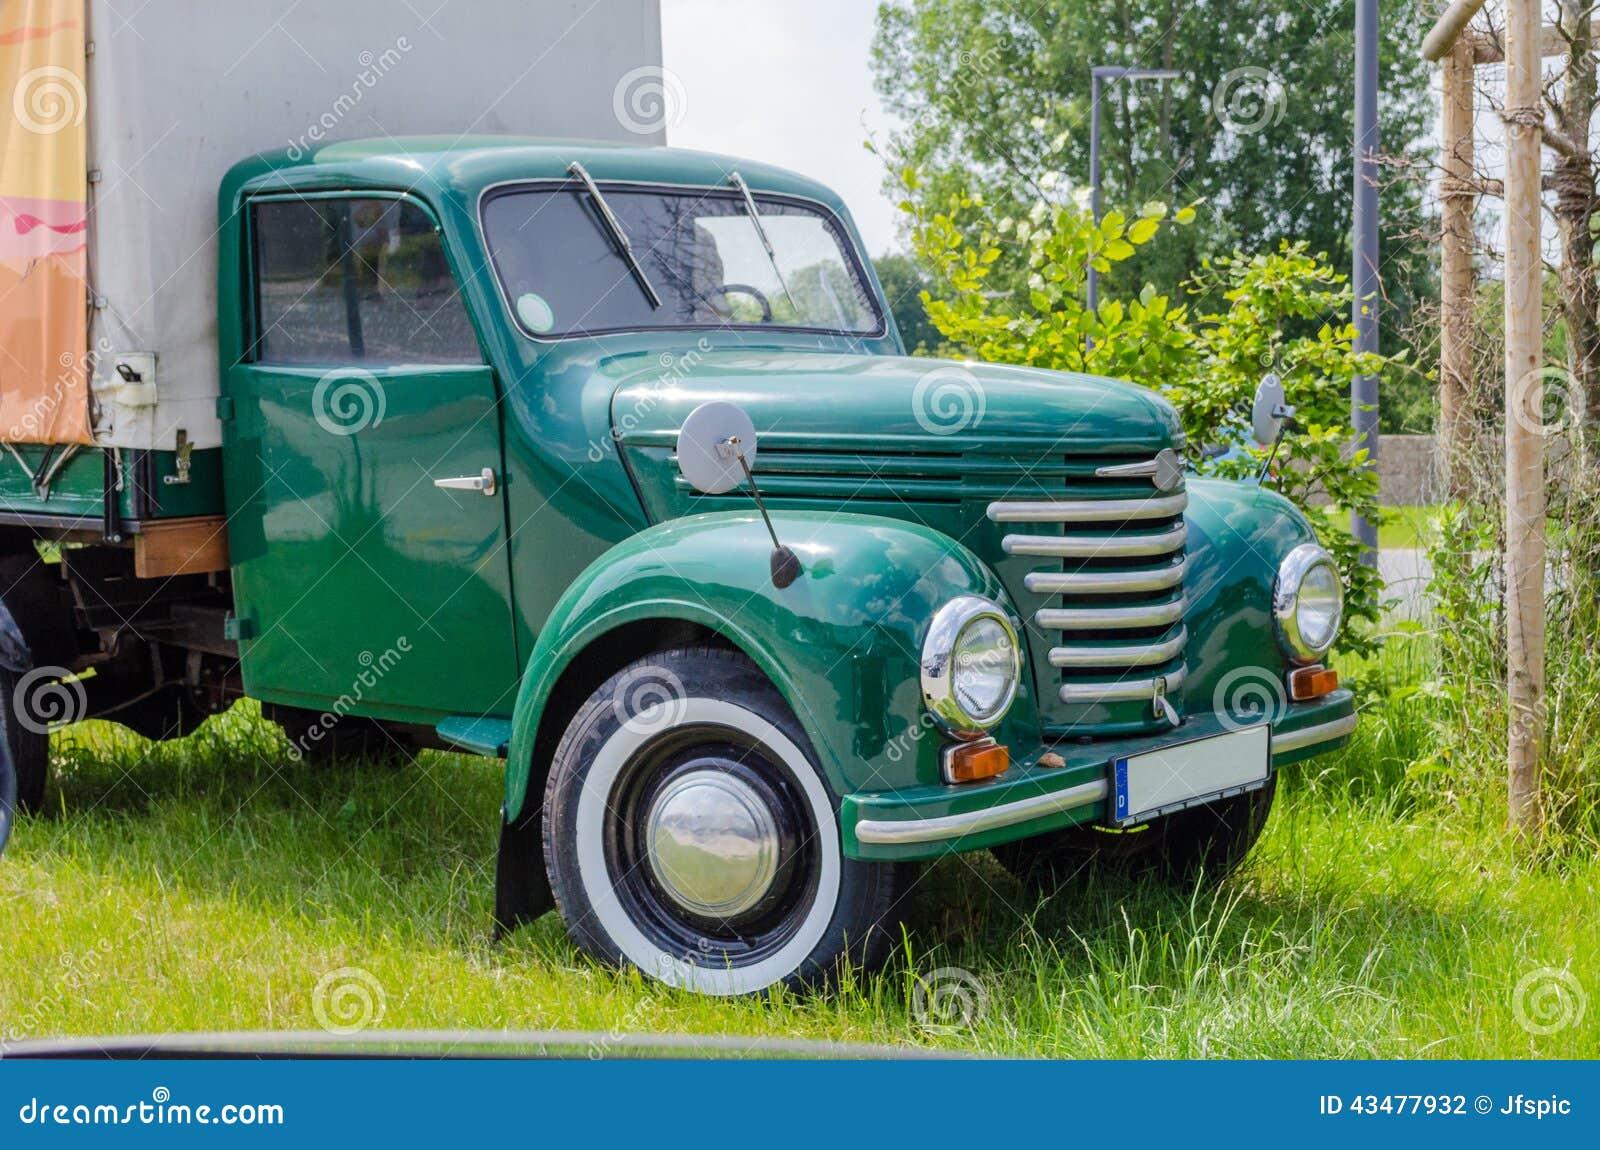 vieux camion vintage photographie ditorial